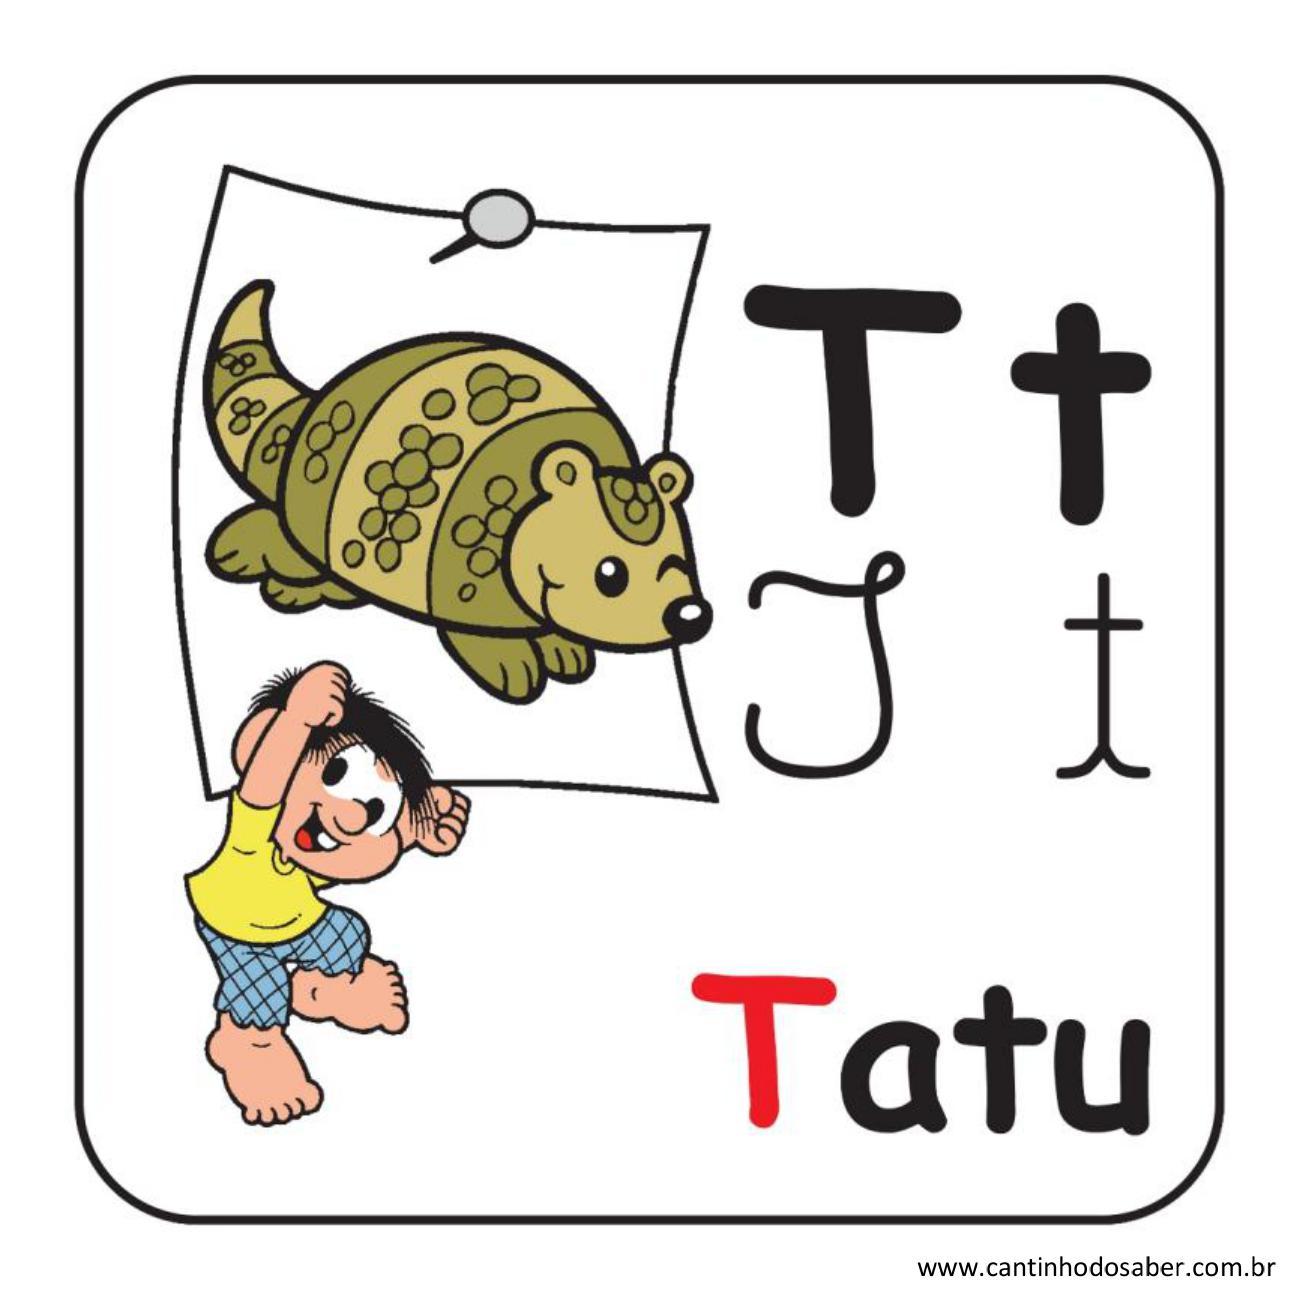 Alfabeto da turma da mônica em letra bastão e cursiva letra t